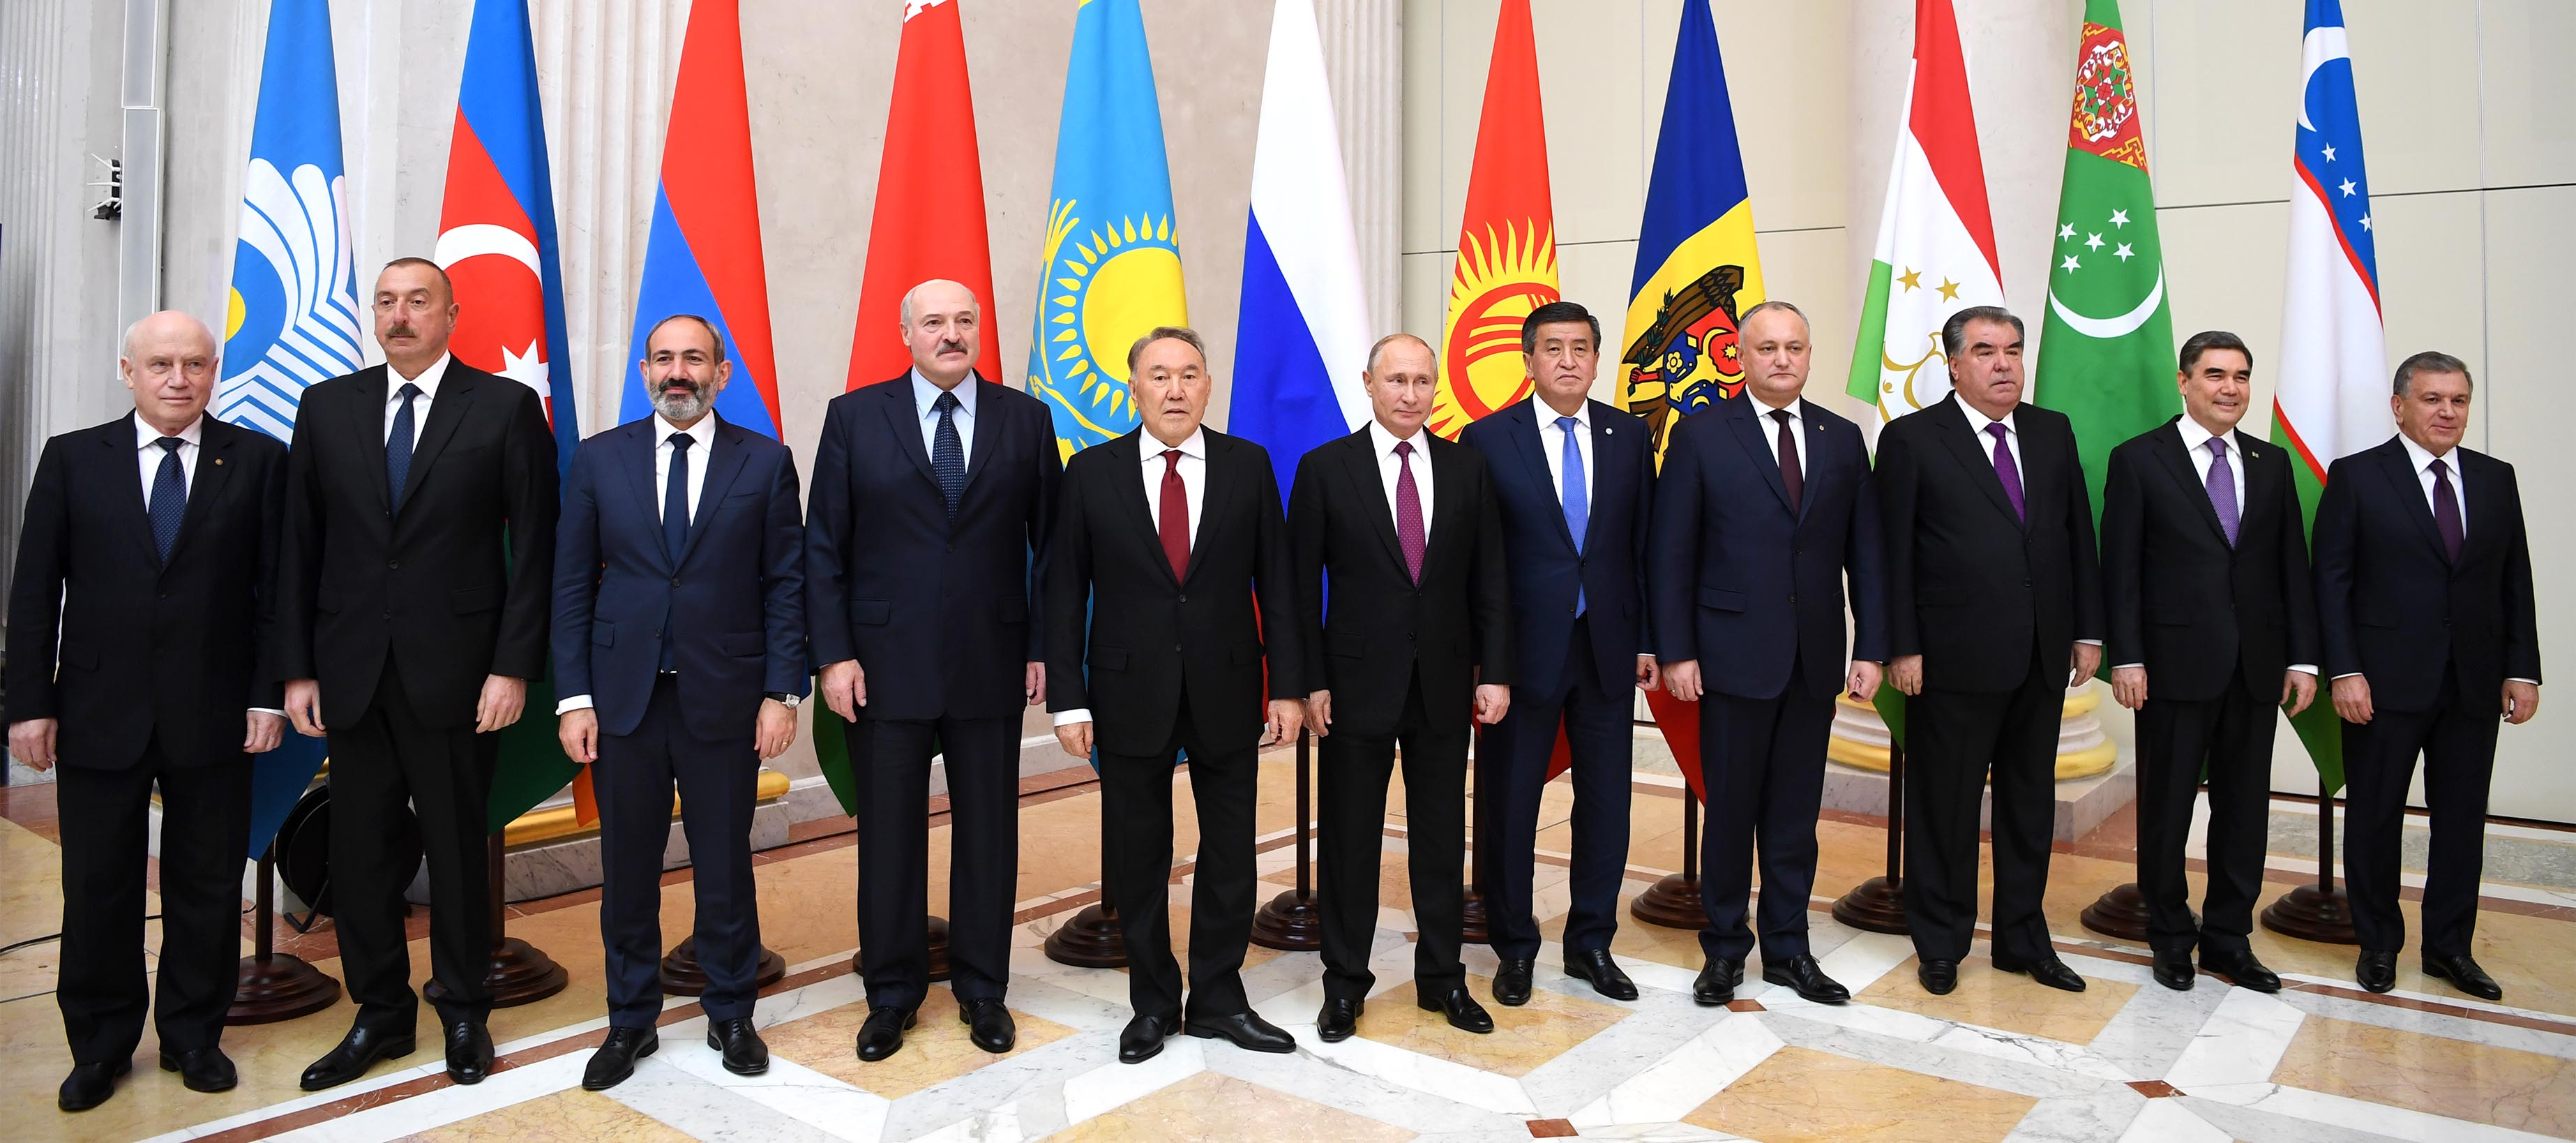 Неформальный саммит лидеров СНГ